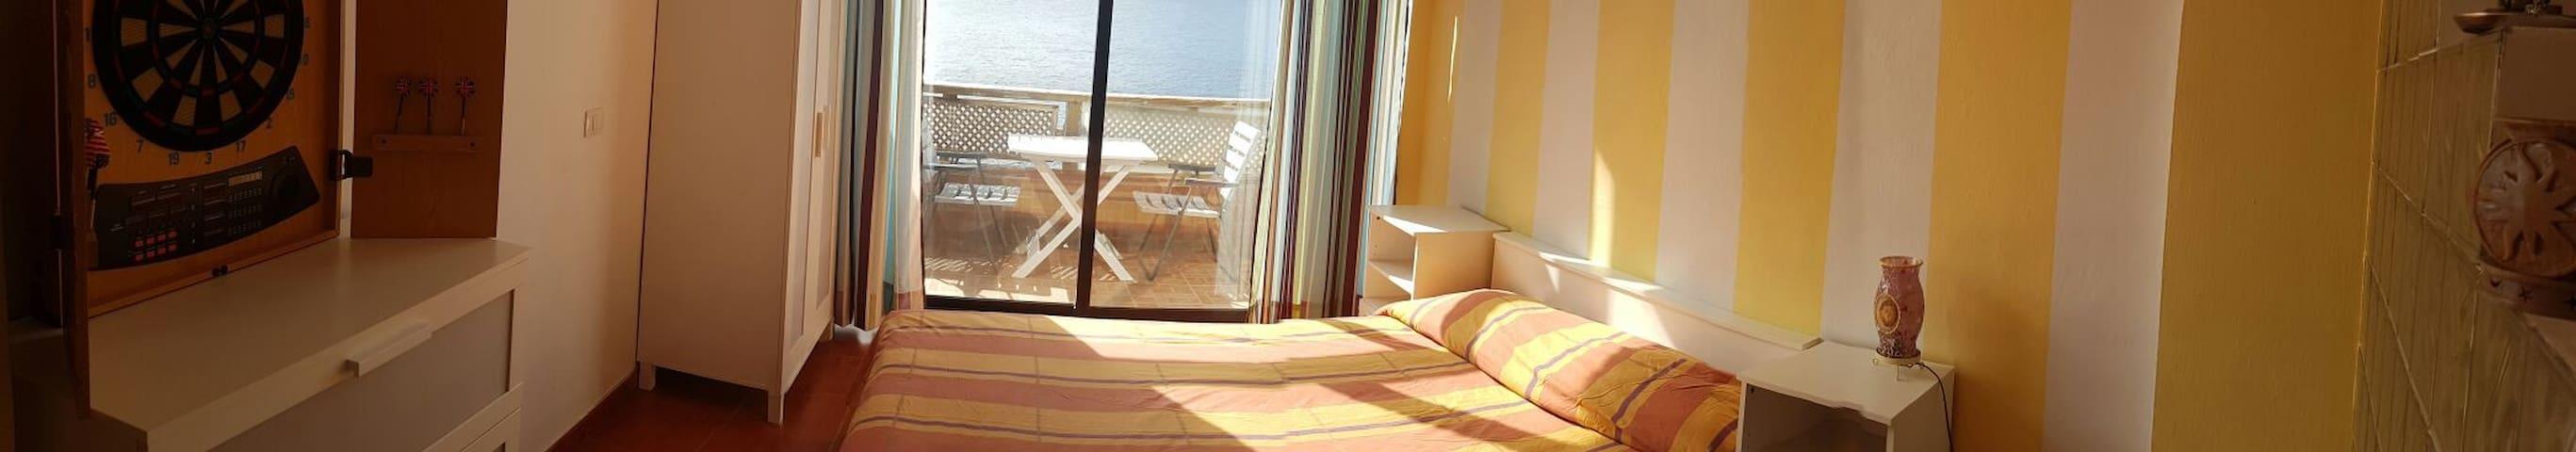 Estudio con las mejores vistas - Las Palmas - Apartamento